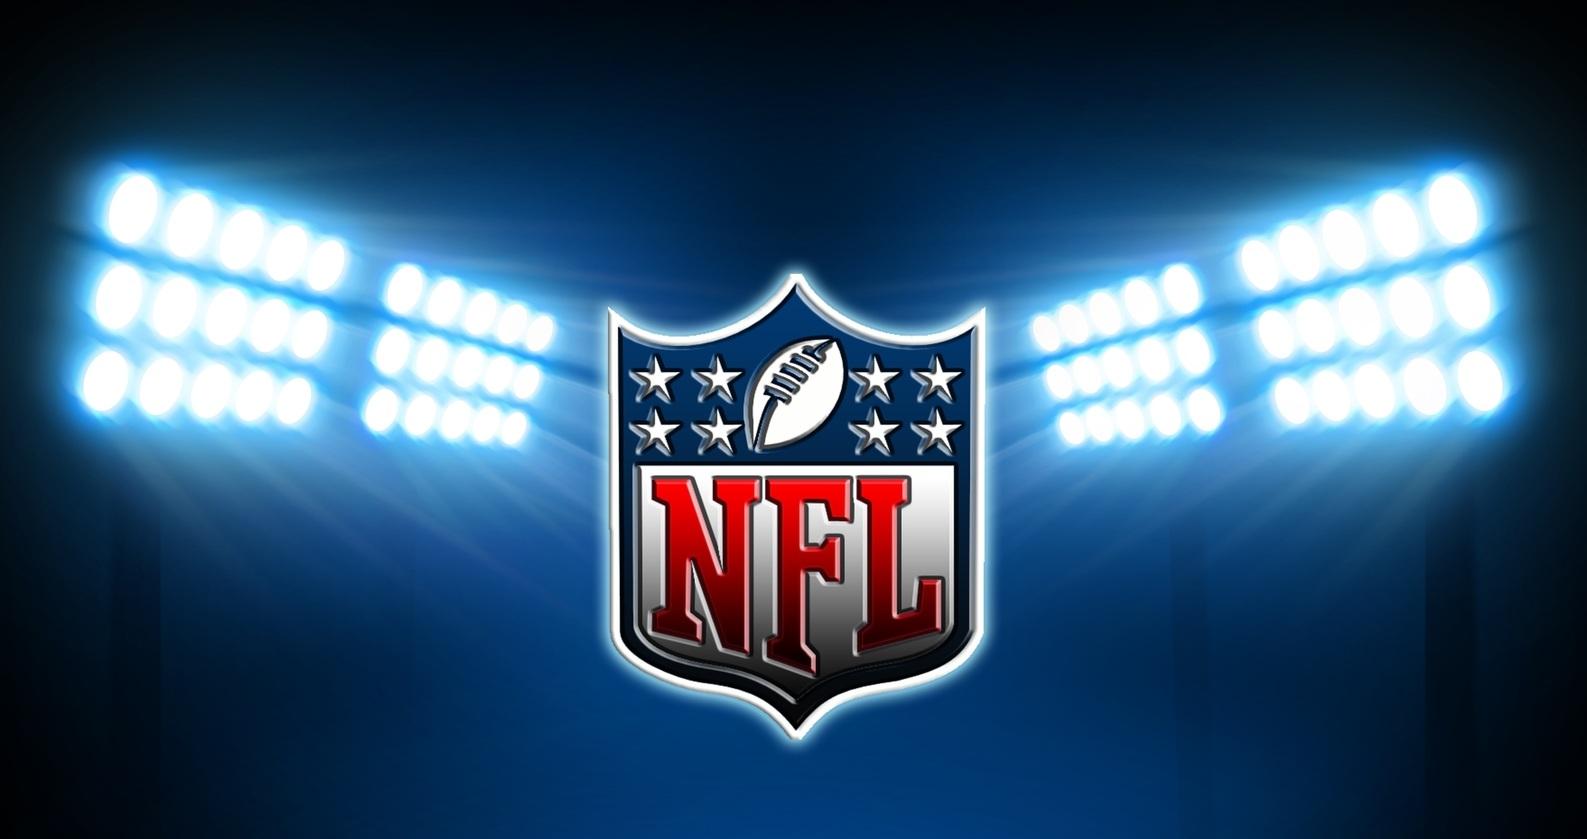 [NFL] General Manager a rischio estinzione?